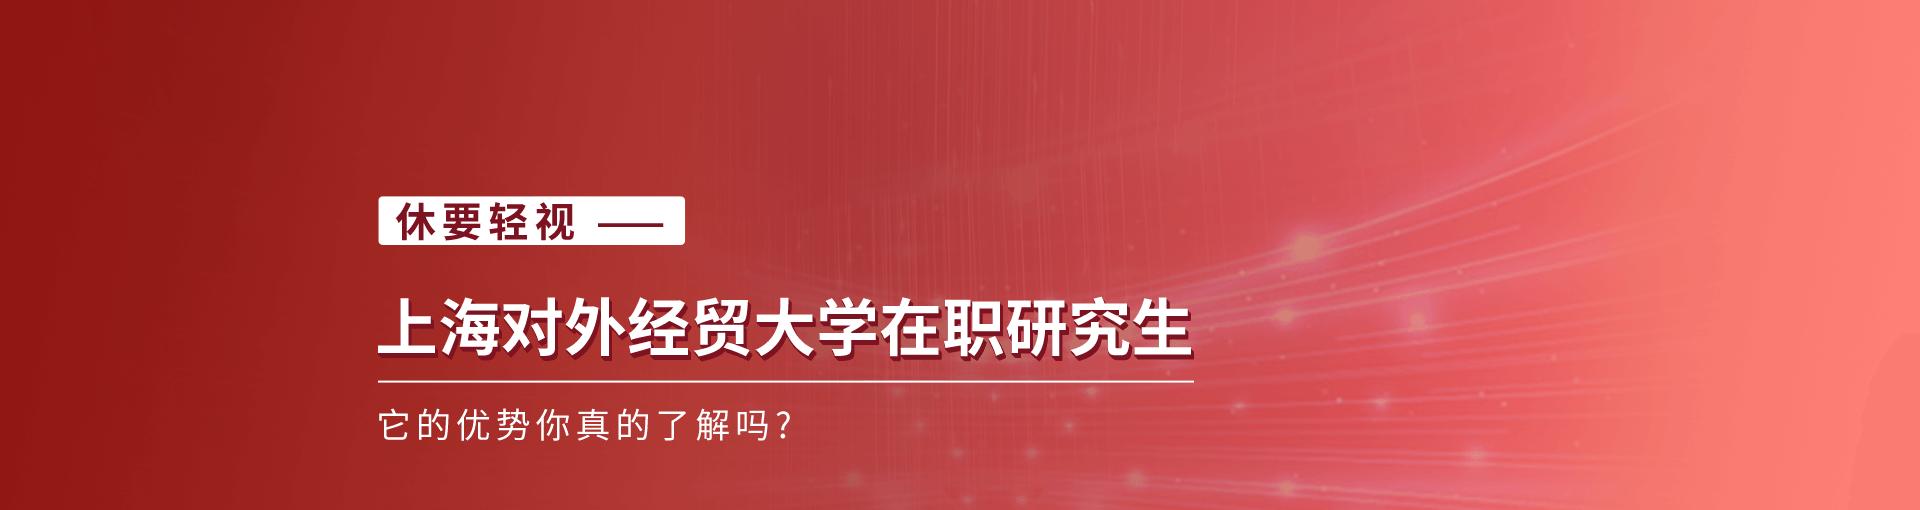 上海对外经贸大学在职研究生优势有哪些?